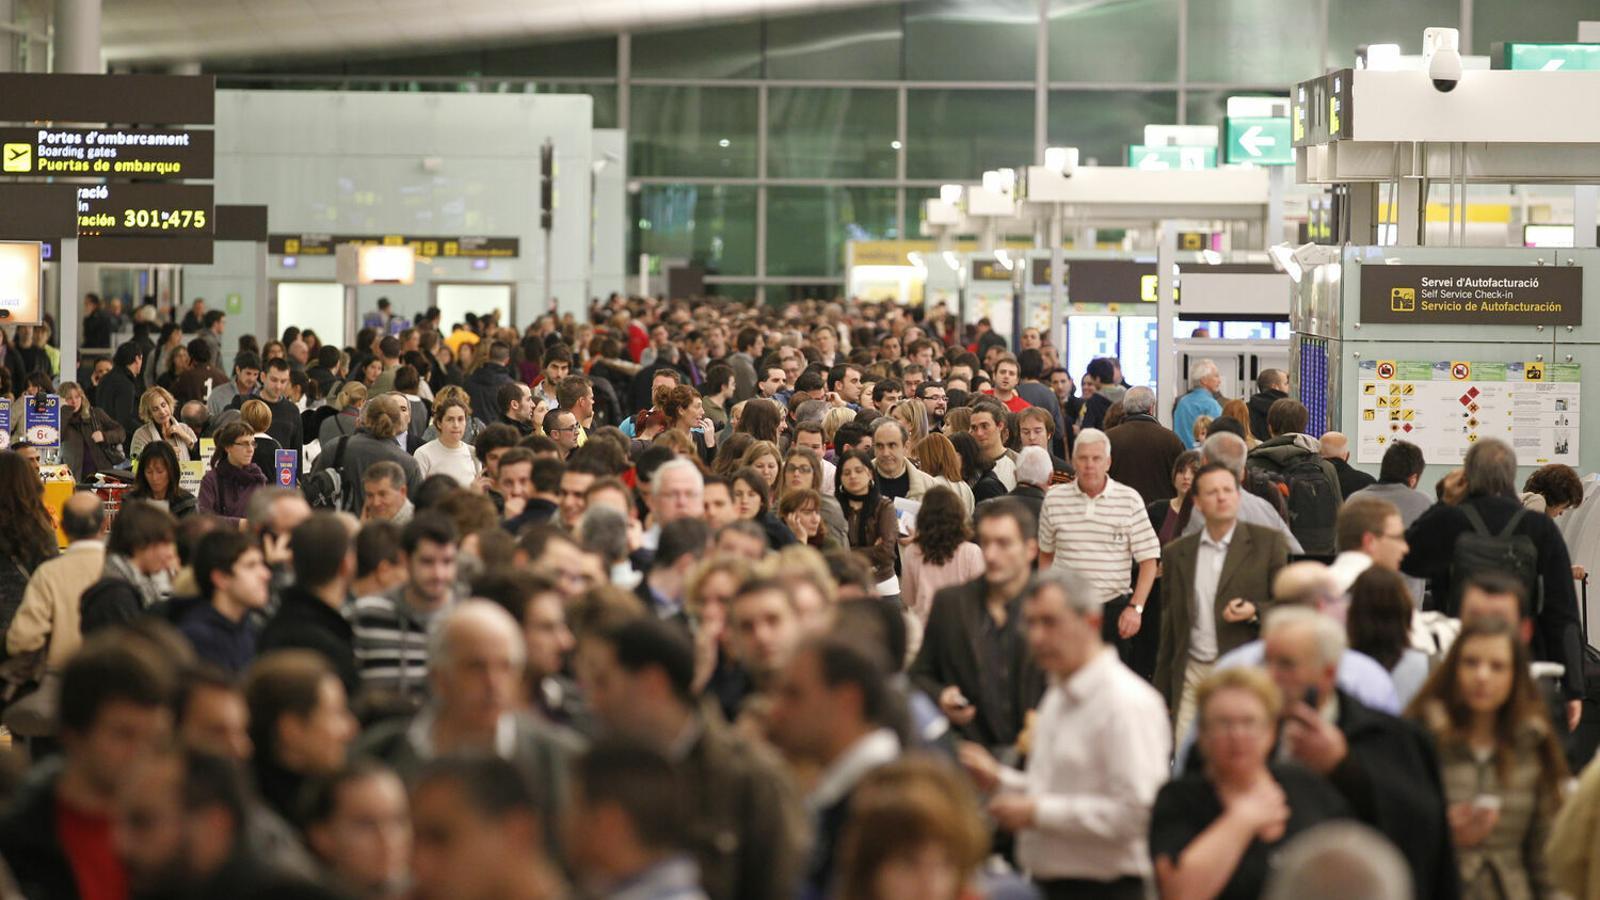 La capacitat màxima de Son Sant Joan és de 34 milions de passatgers l'any, i Aena preveu que el 2025 hi arribin 33.874.100 persones